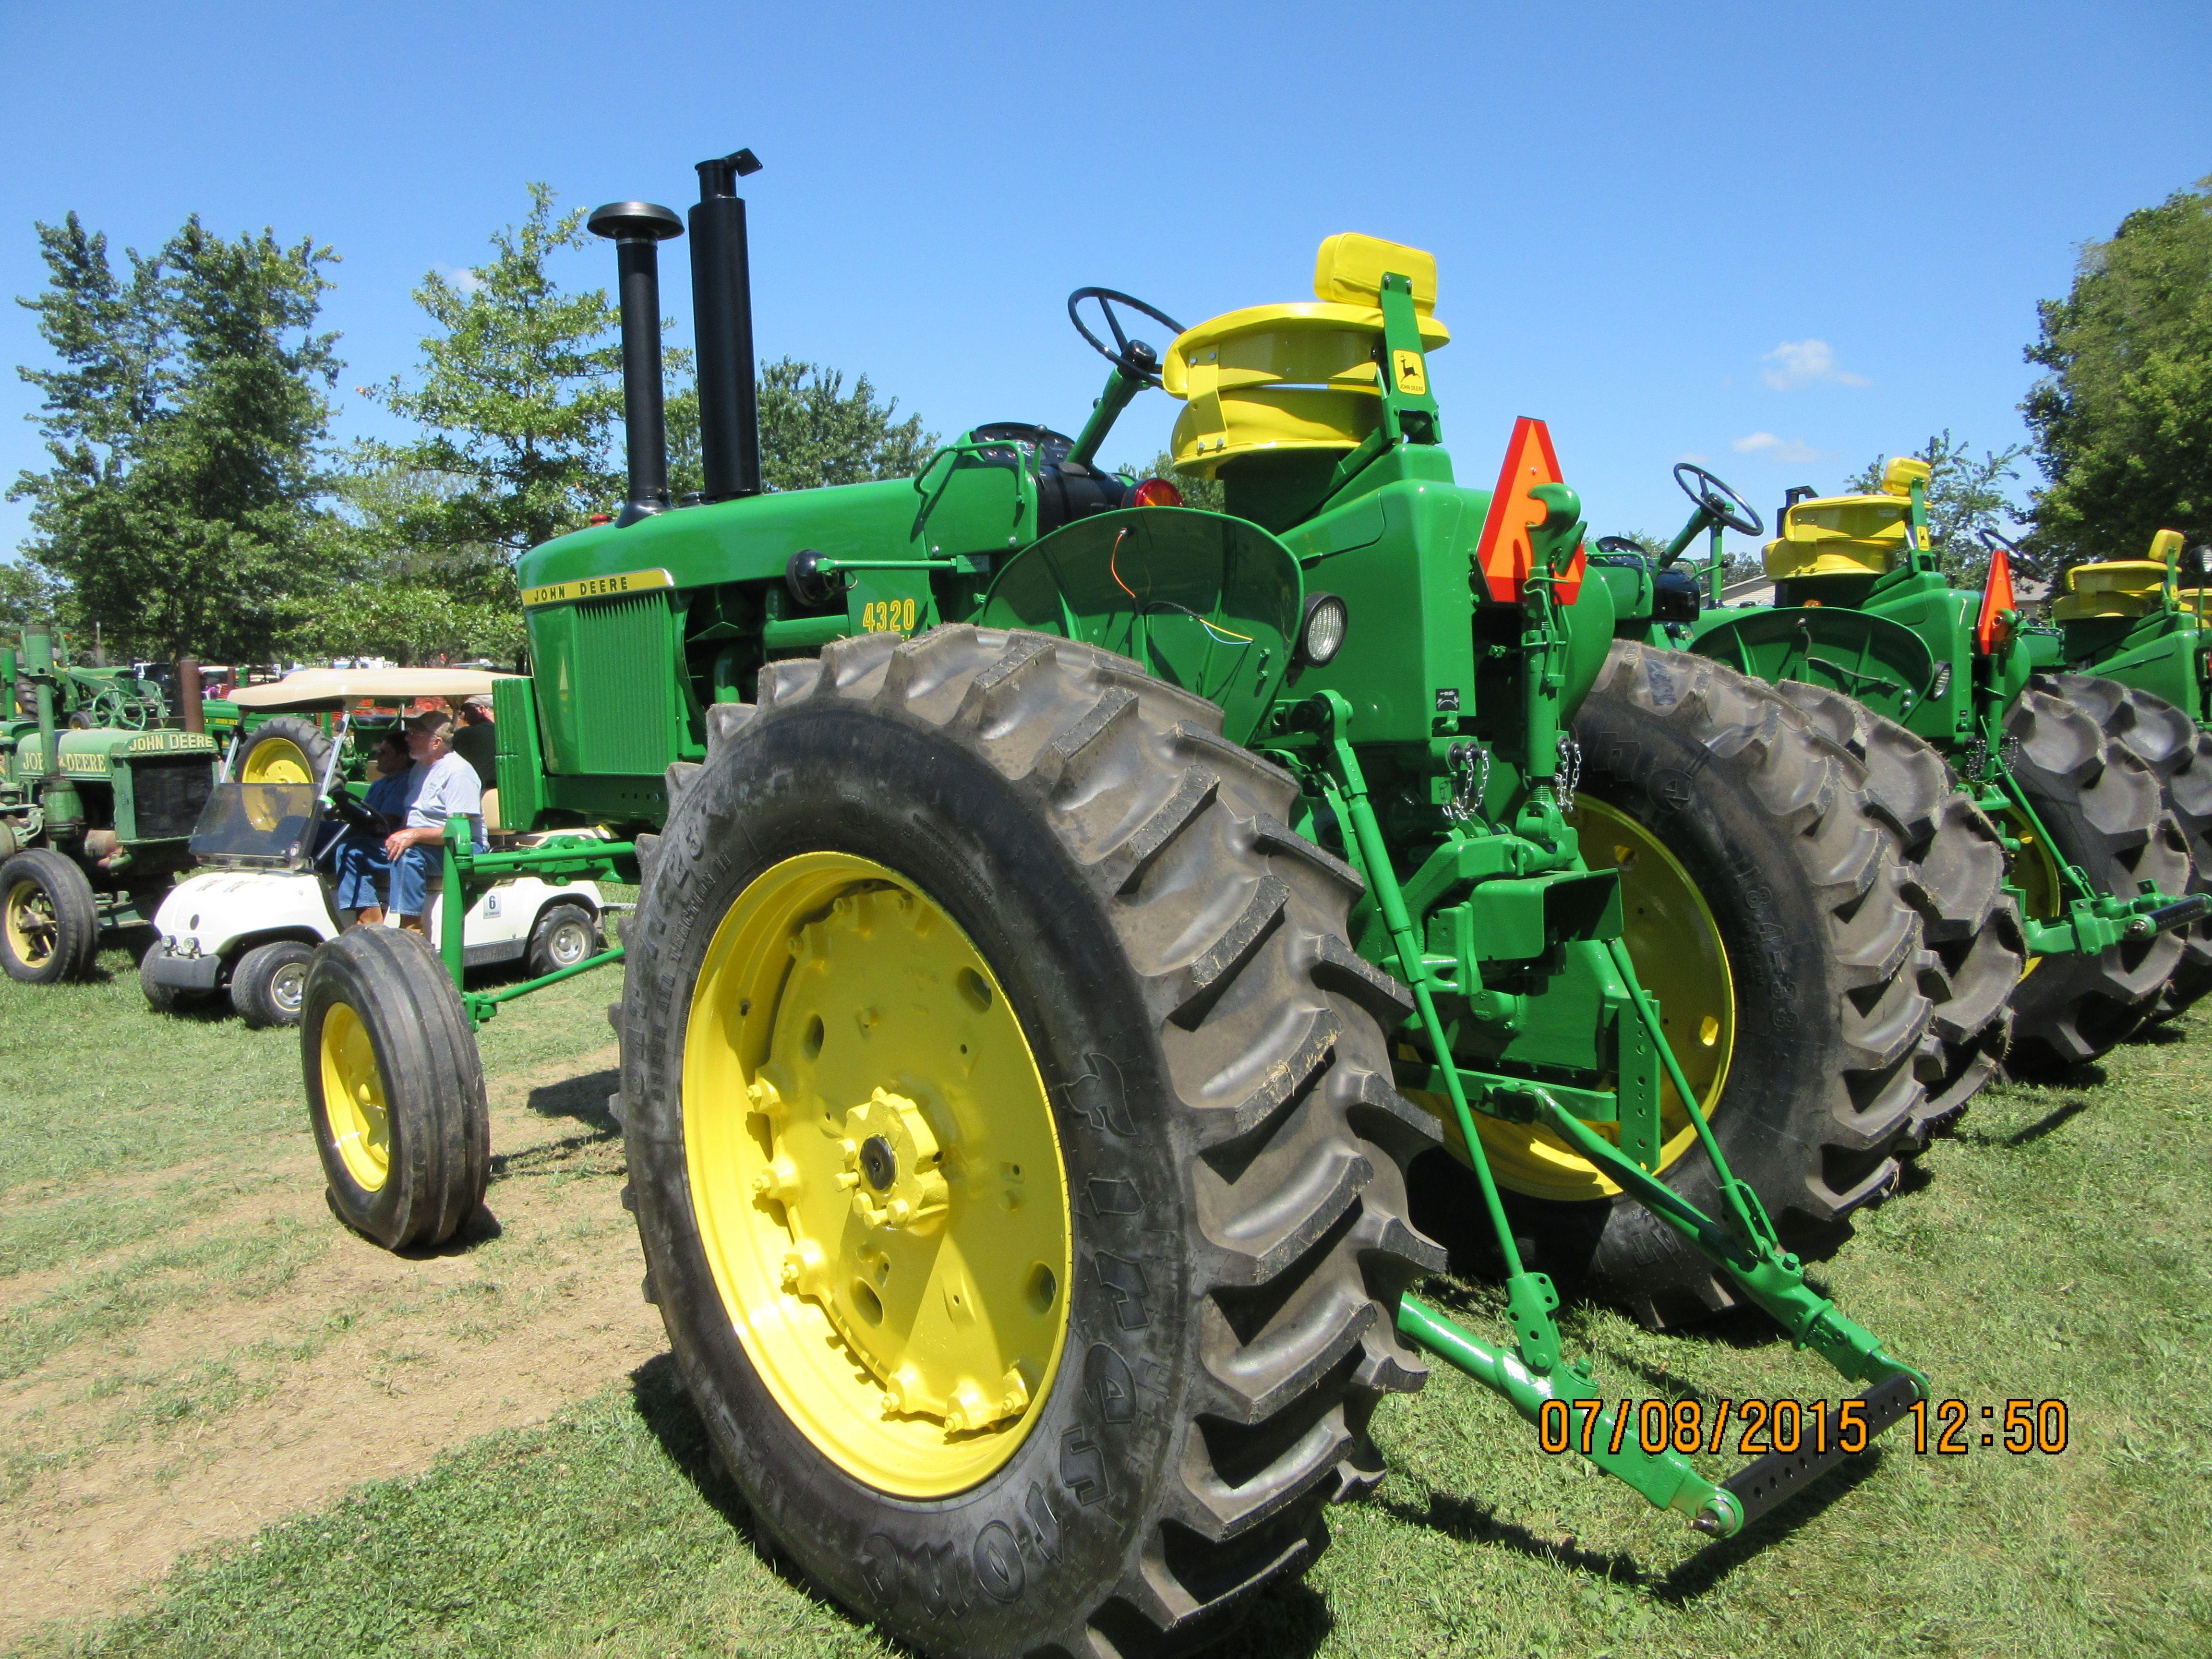 rear of 116hp john deere 4320 hi crop john deere equipment rh pinterest co  uk 1984 1050 John Deere Tractor 1984 1050 John Deere Tractor